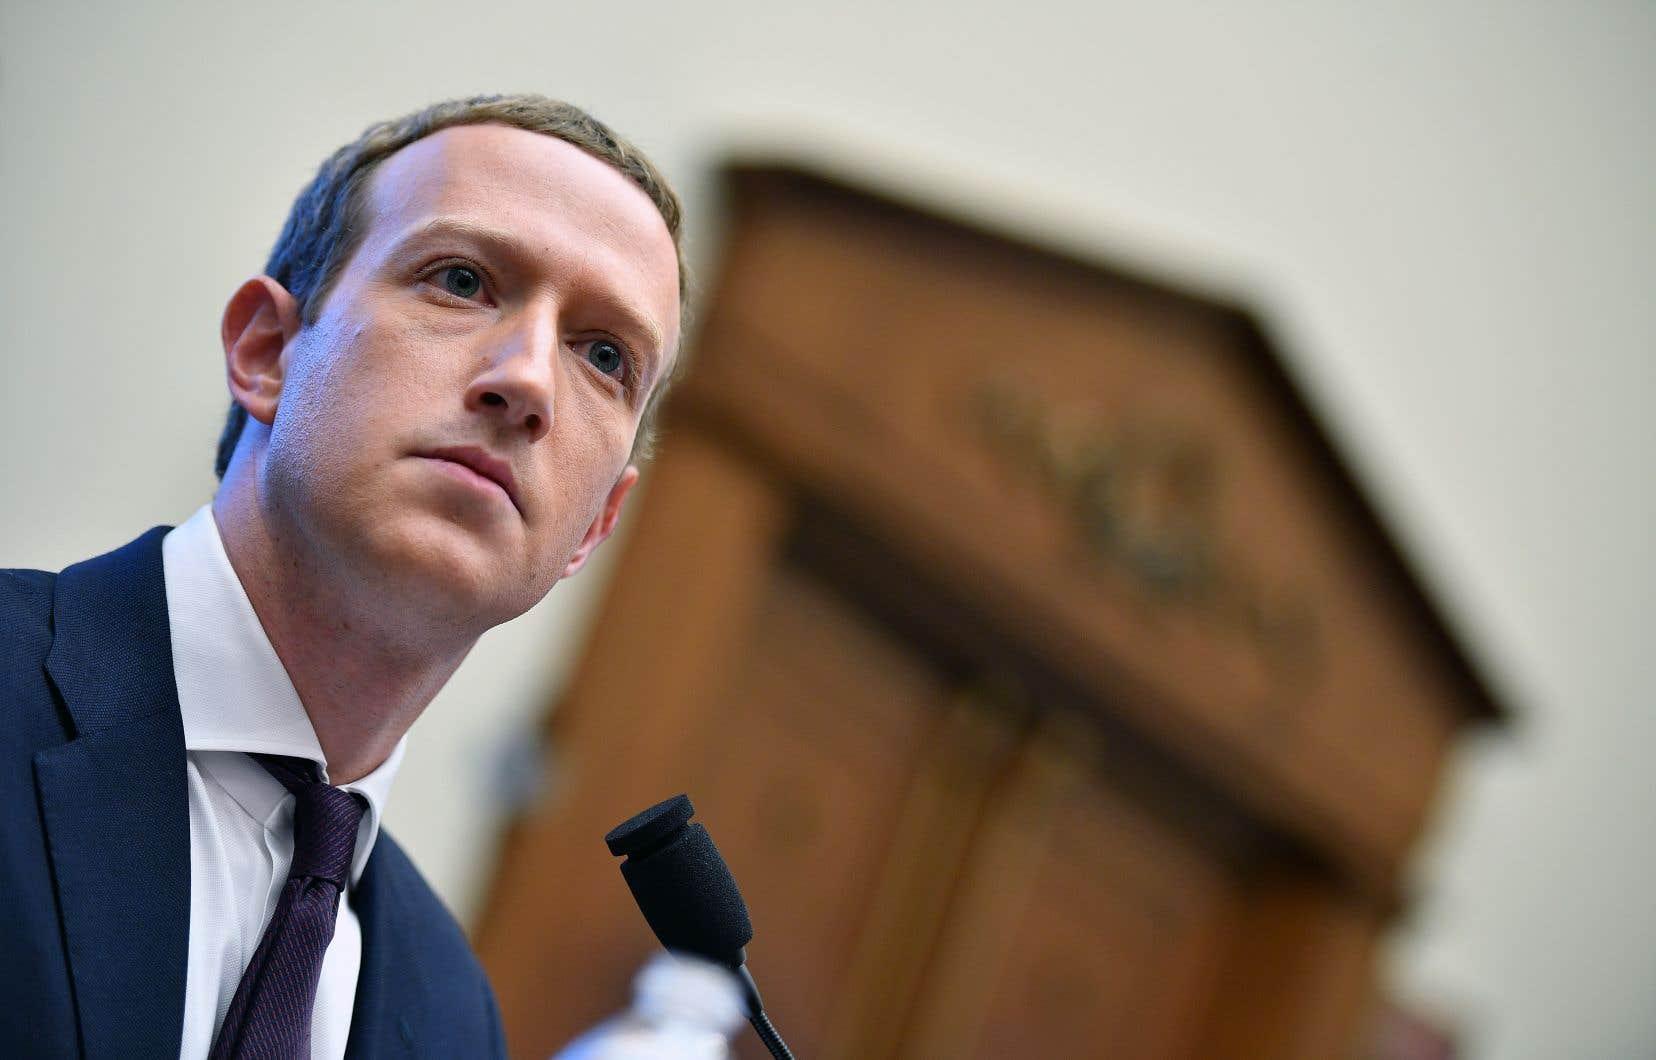 Le patron de Facebook, Mark Zuckerberg, a répondu mercredi à des questions concernant son projet de monnaie virtuelle lors d'une audience devant la Commission parlementaire des services financiers au Congrès américain.